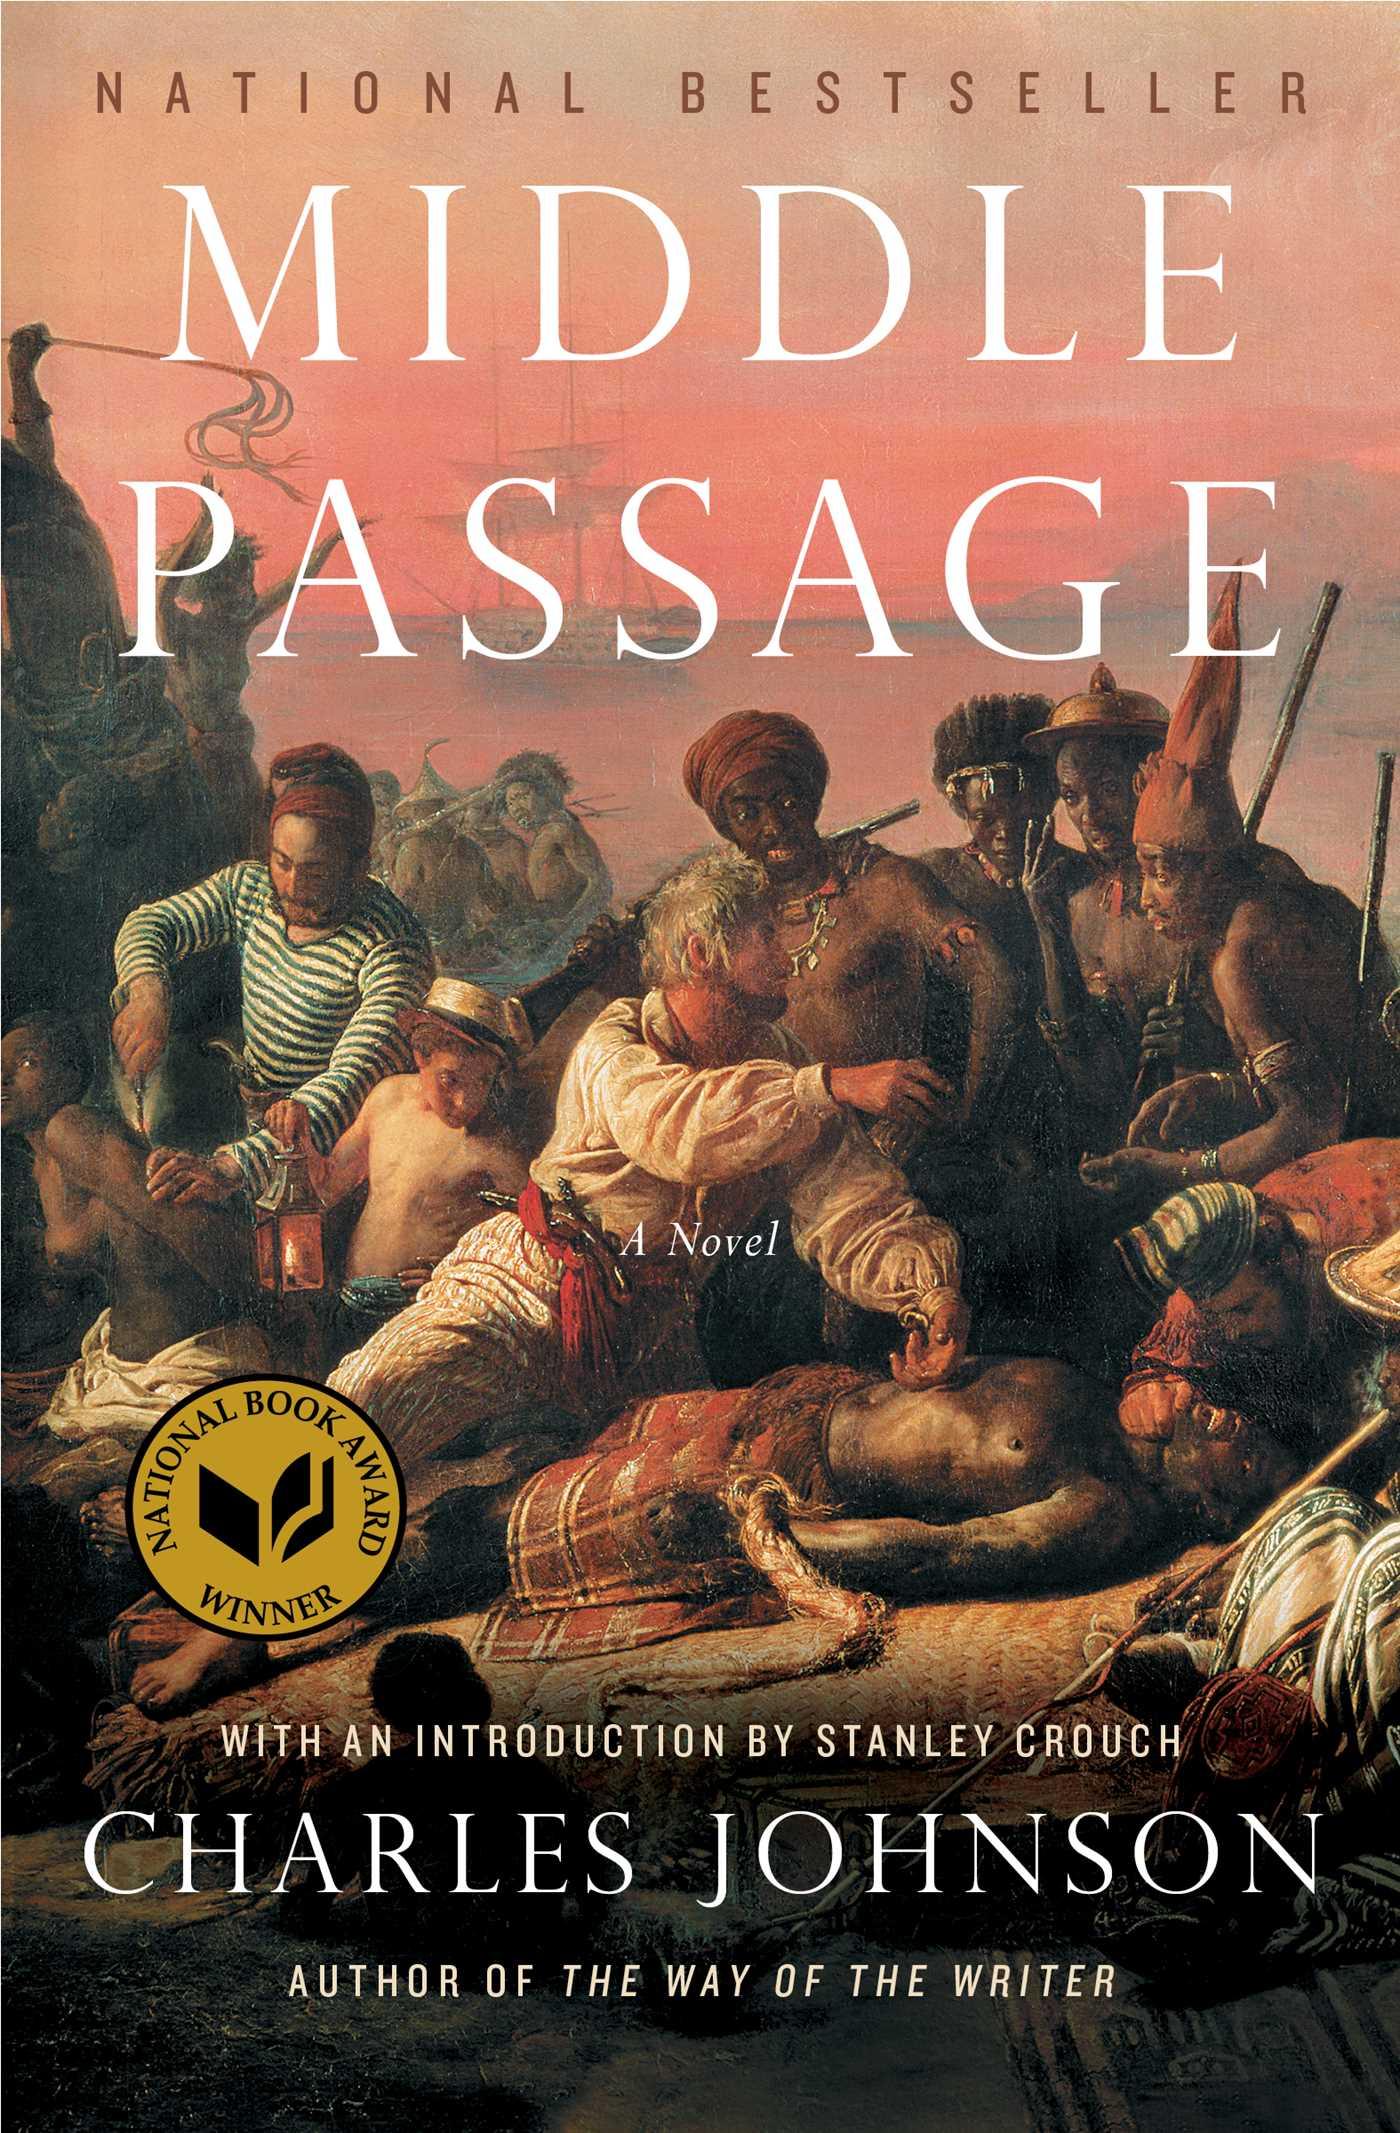 Middle passage 9780684855882 hr